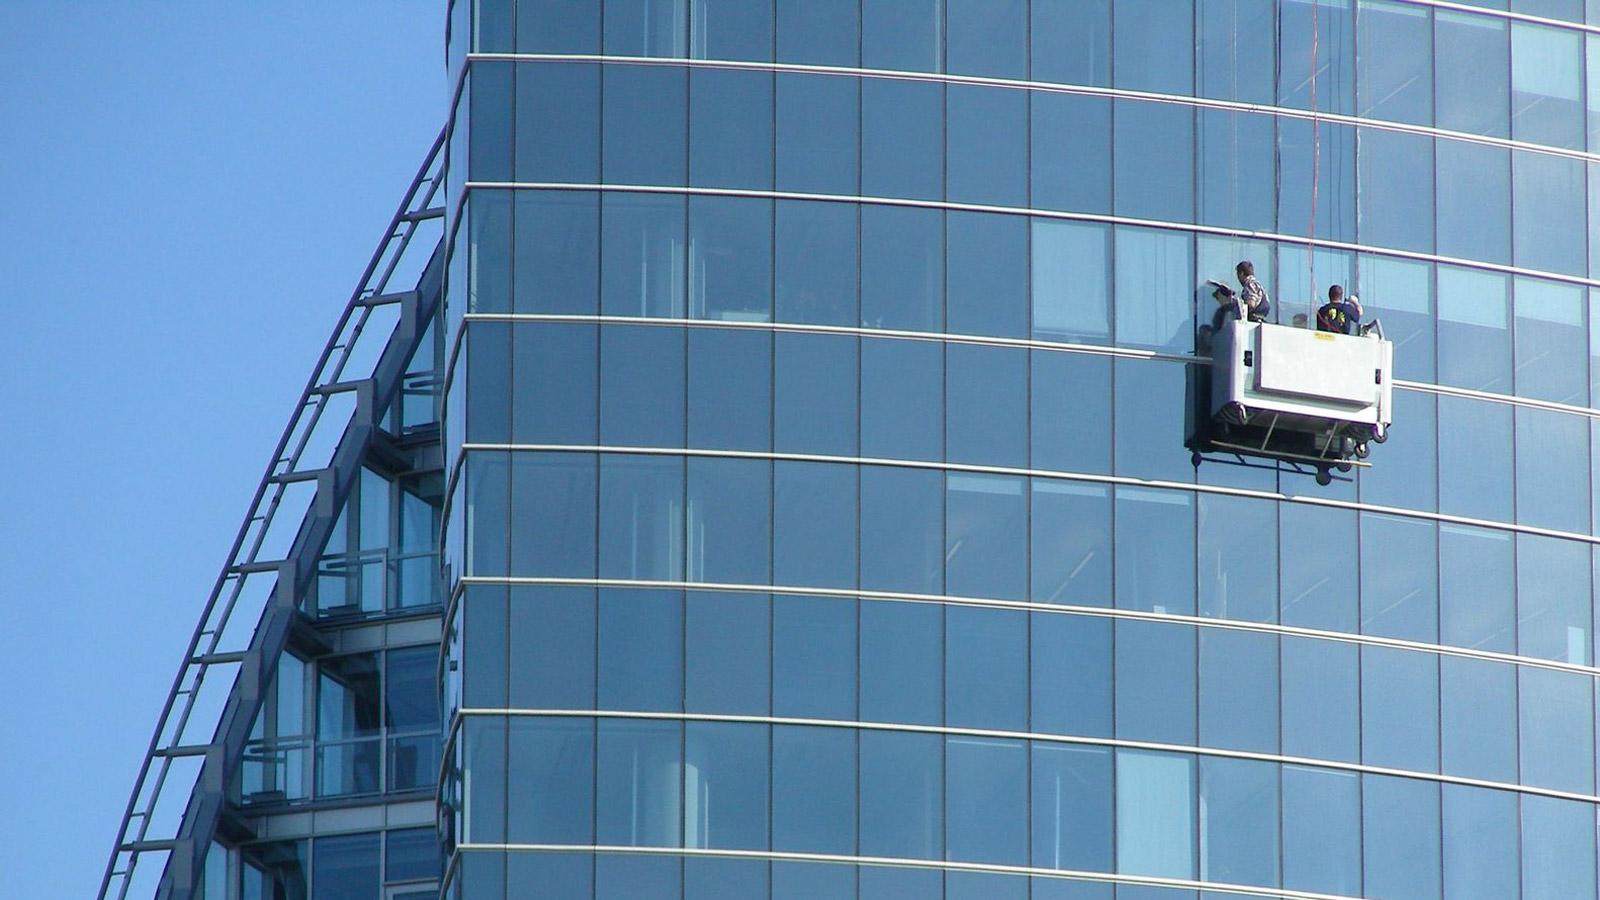 La góndola es un sistema que requiere estructura fija en el edificio. Es un sistema seguro y muy práctico.